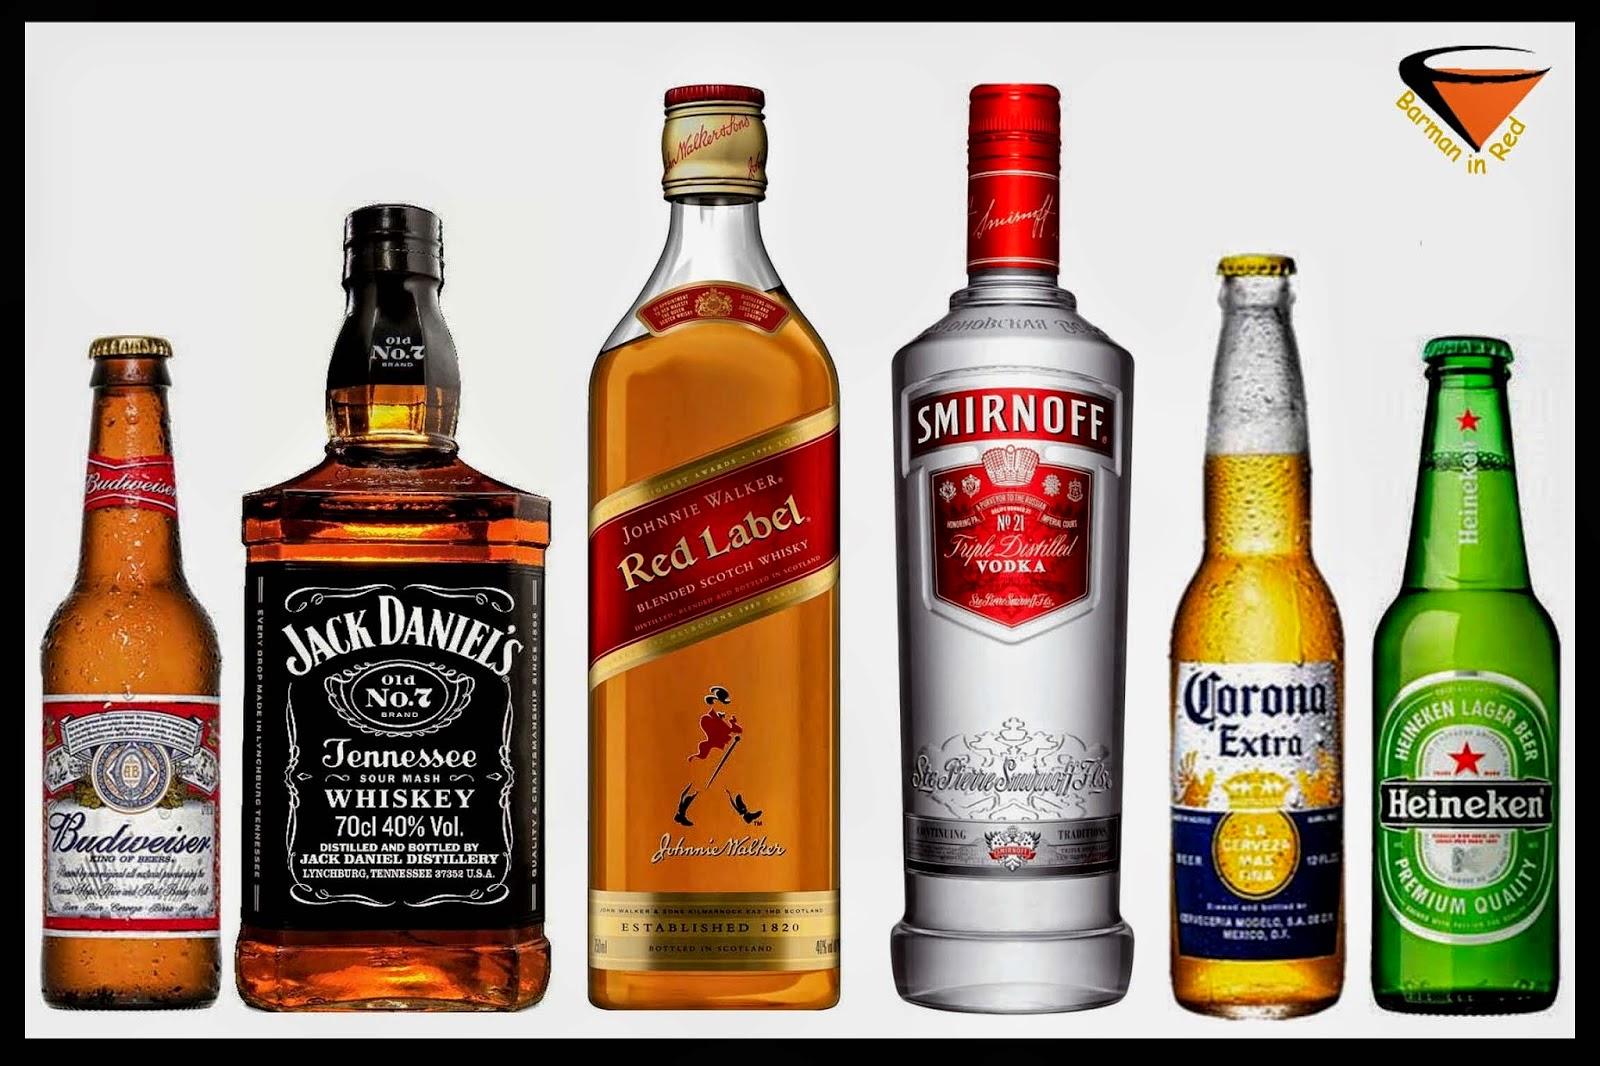 Que es posible curar la dependencia alcohólica